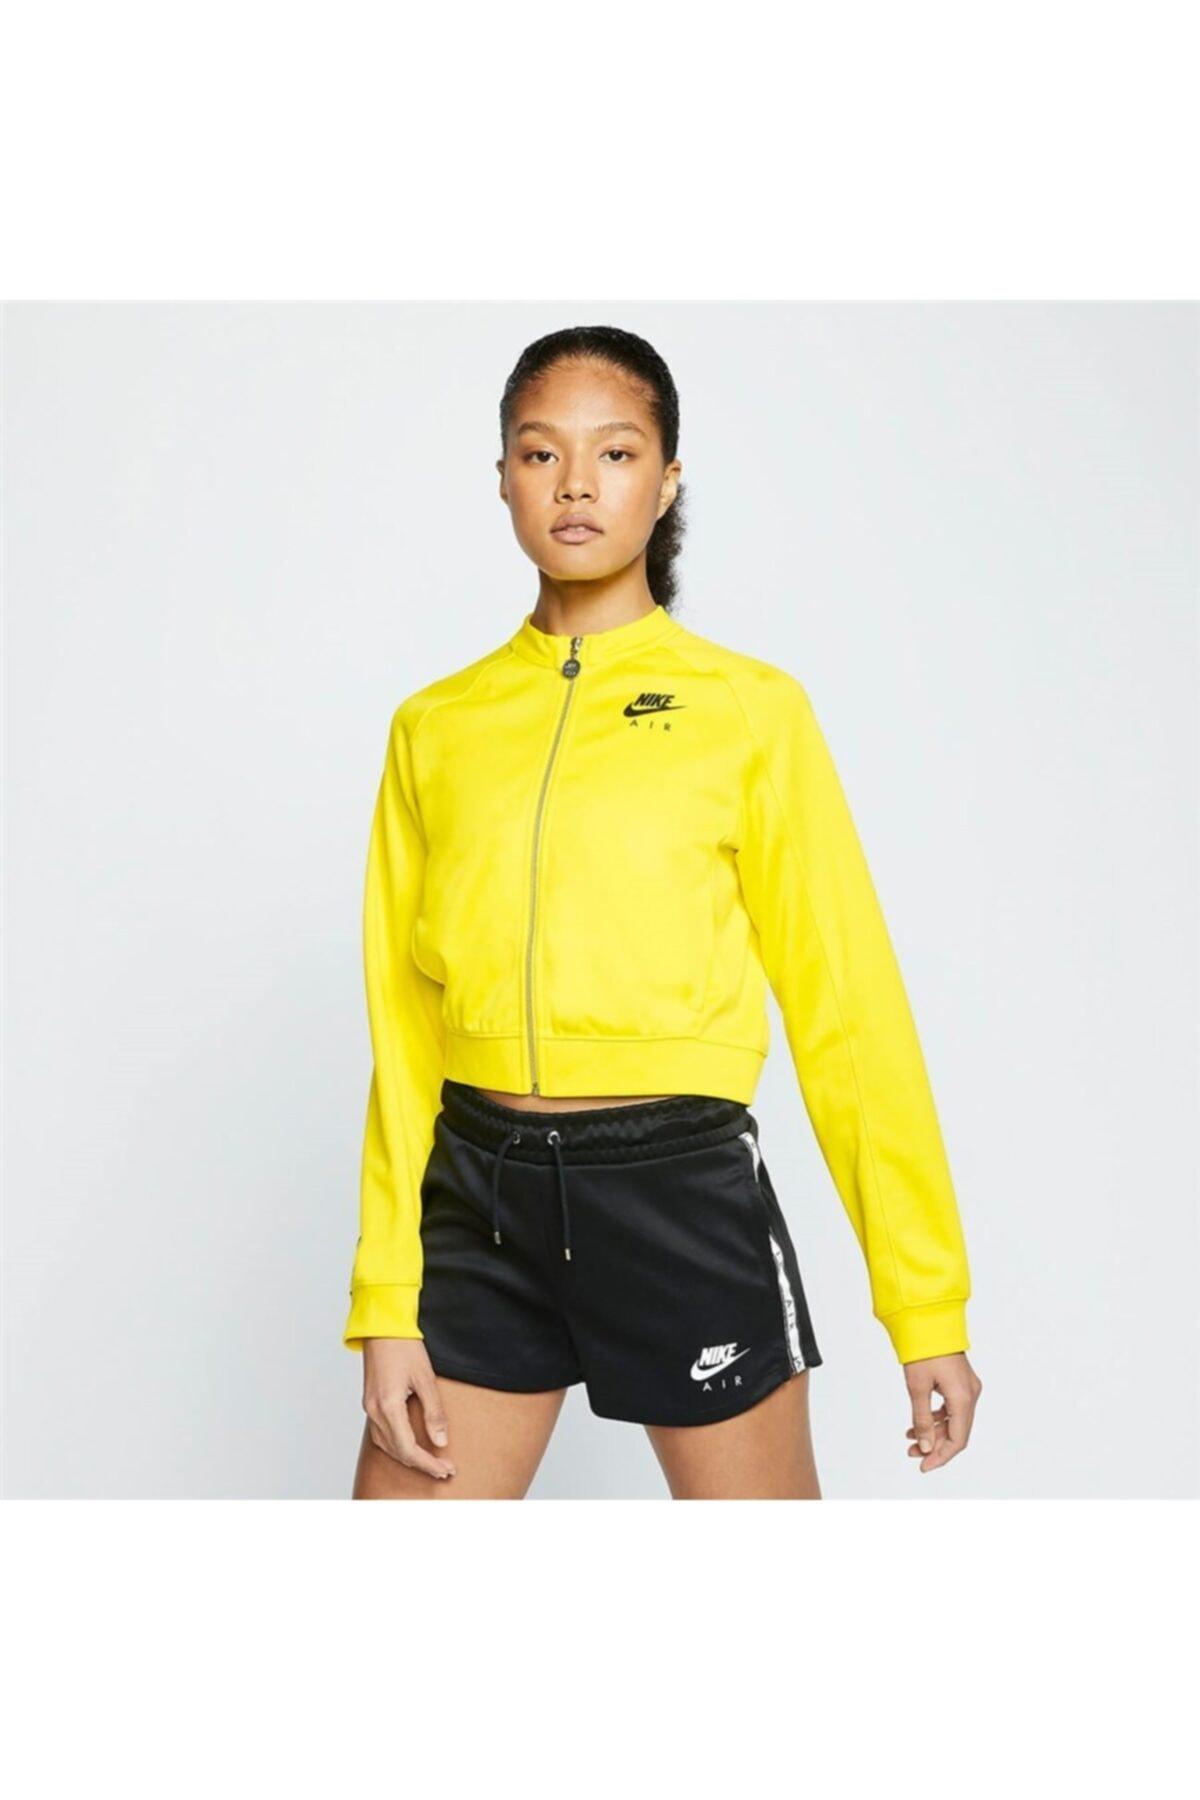 سفارش گرمکن ورزشی ارزان مردانه برند Nike اورجینال رنگ زرد ty82315998